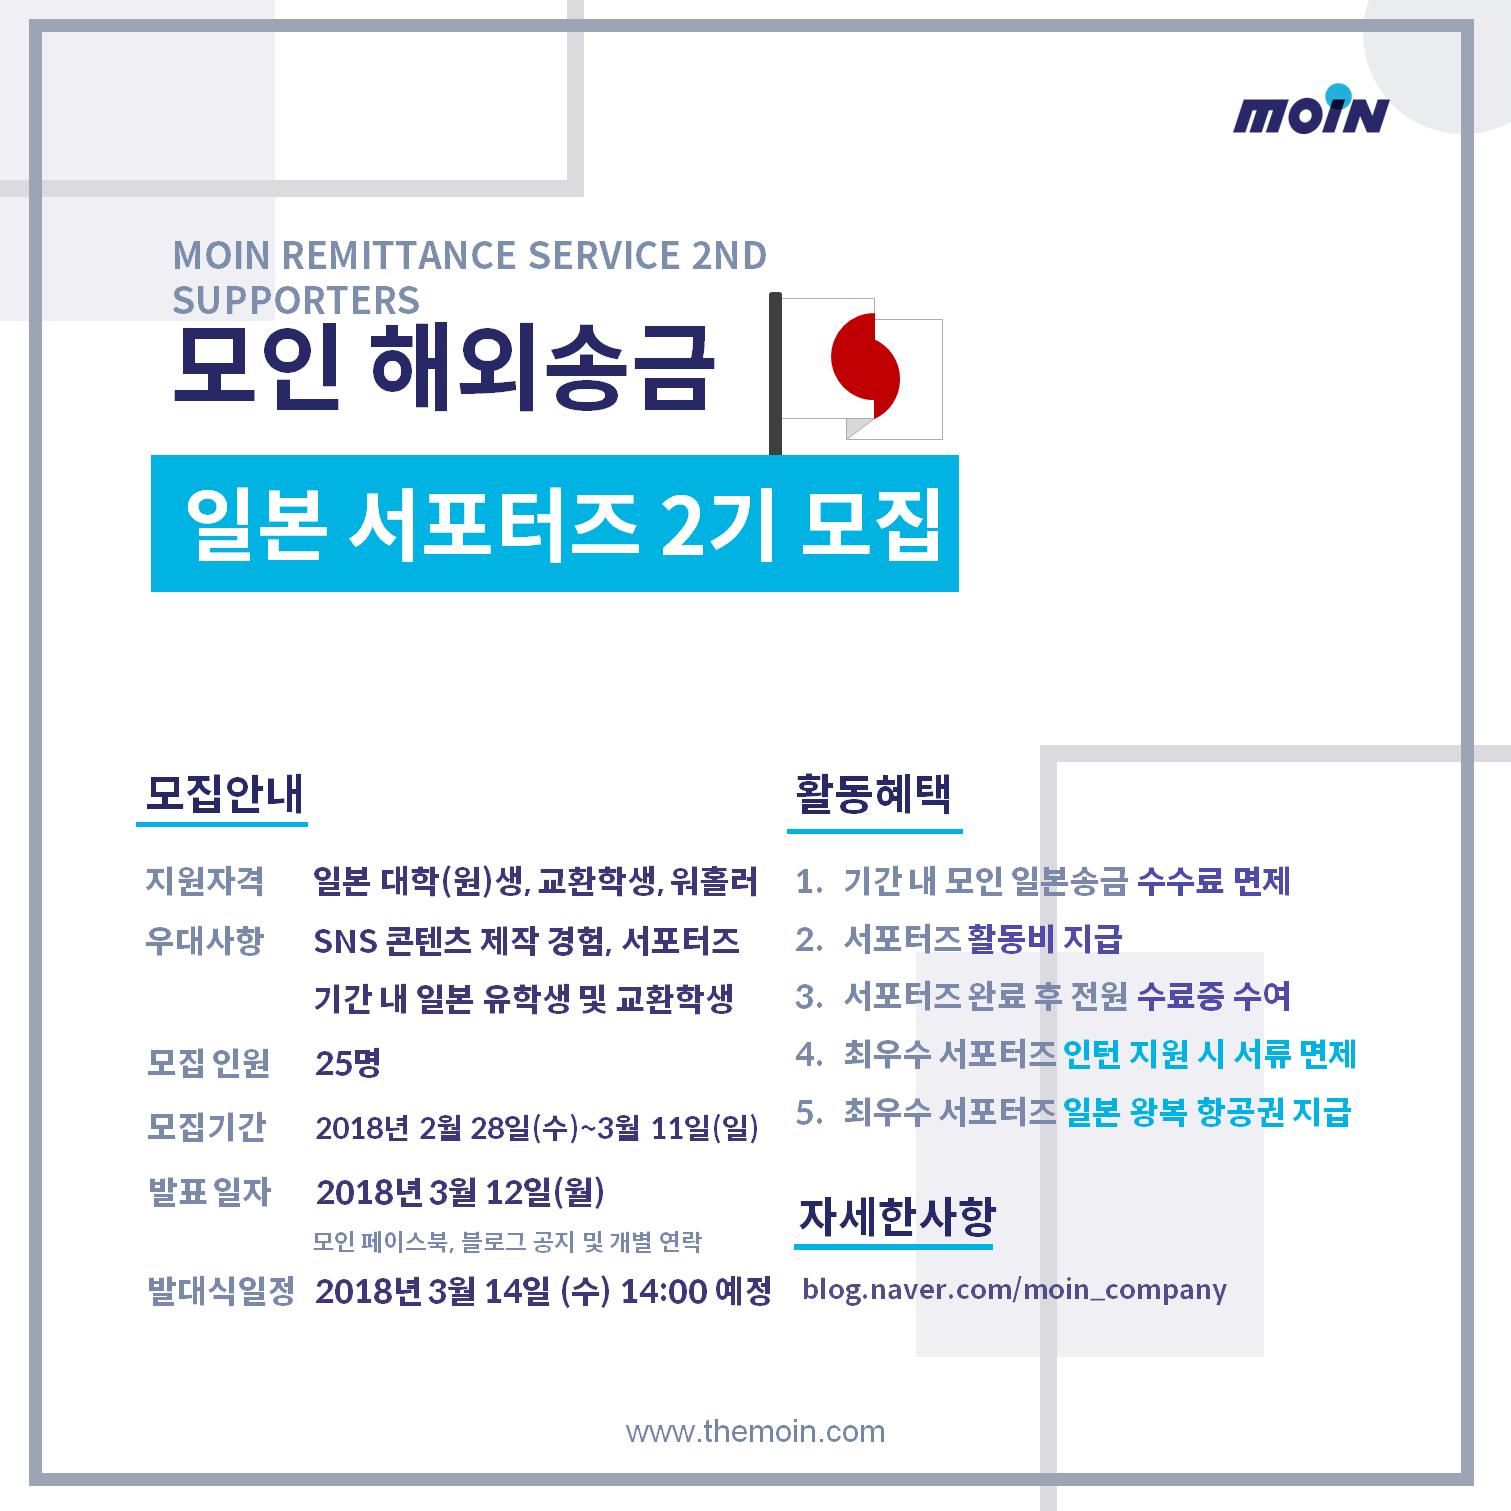 [주식회사 모인 ]해외송금 모인 유학생 서포터즈 모이니